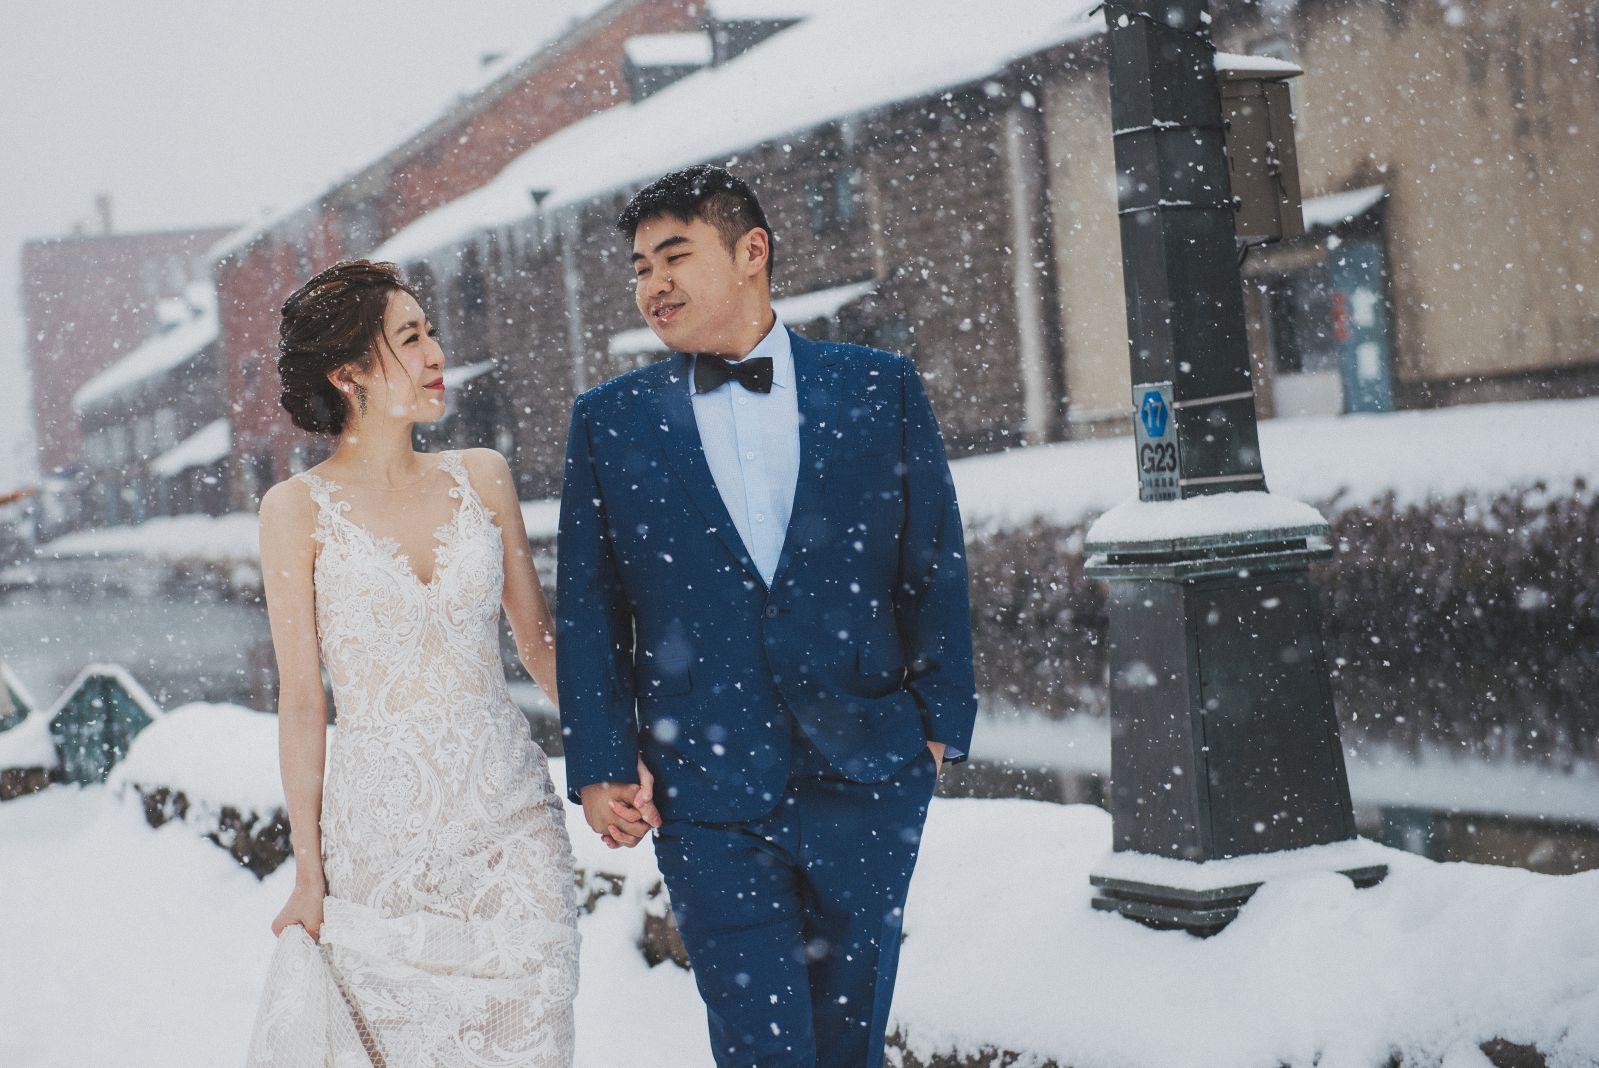 北海道婚紗,小樽運河